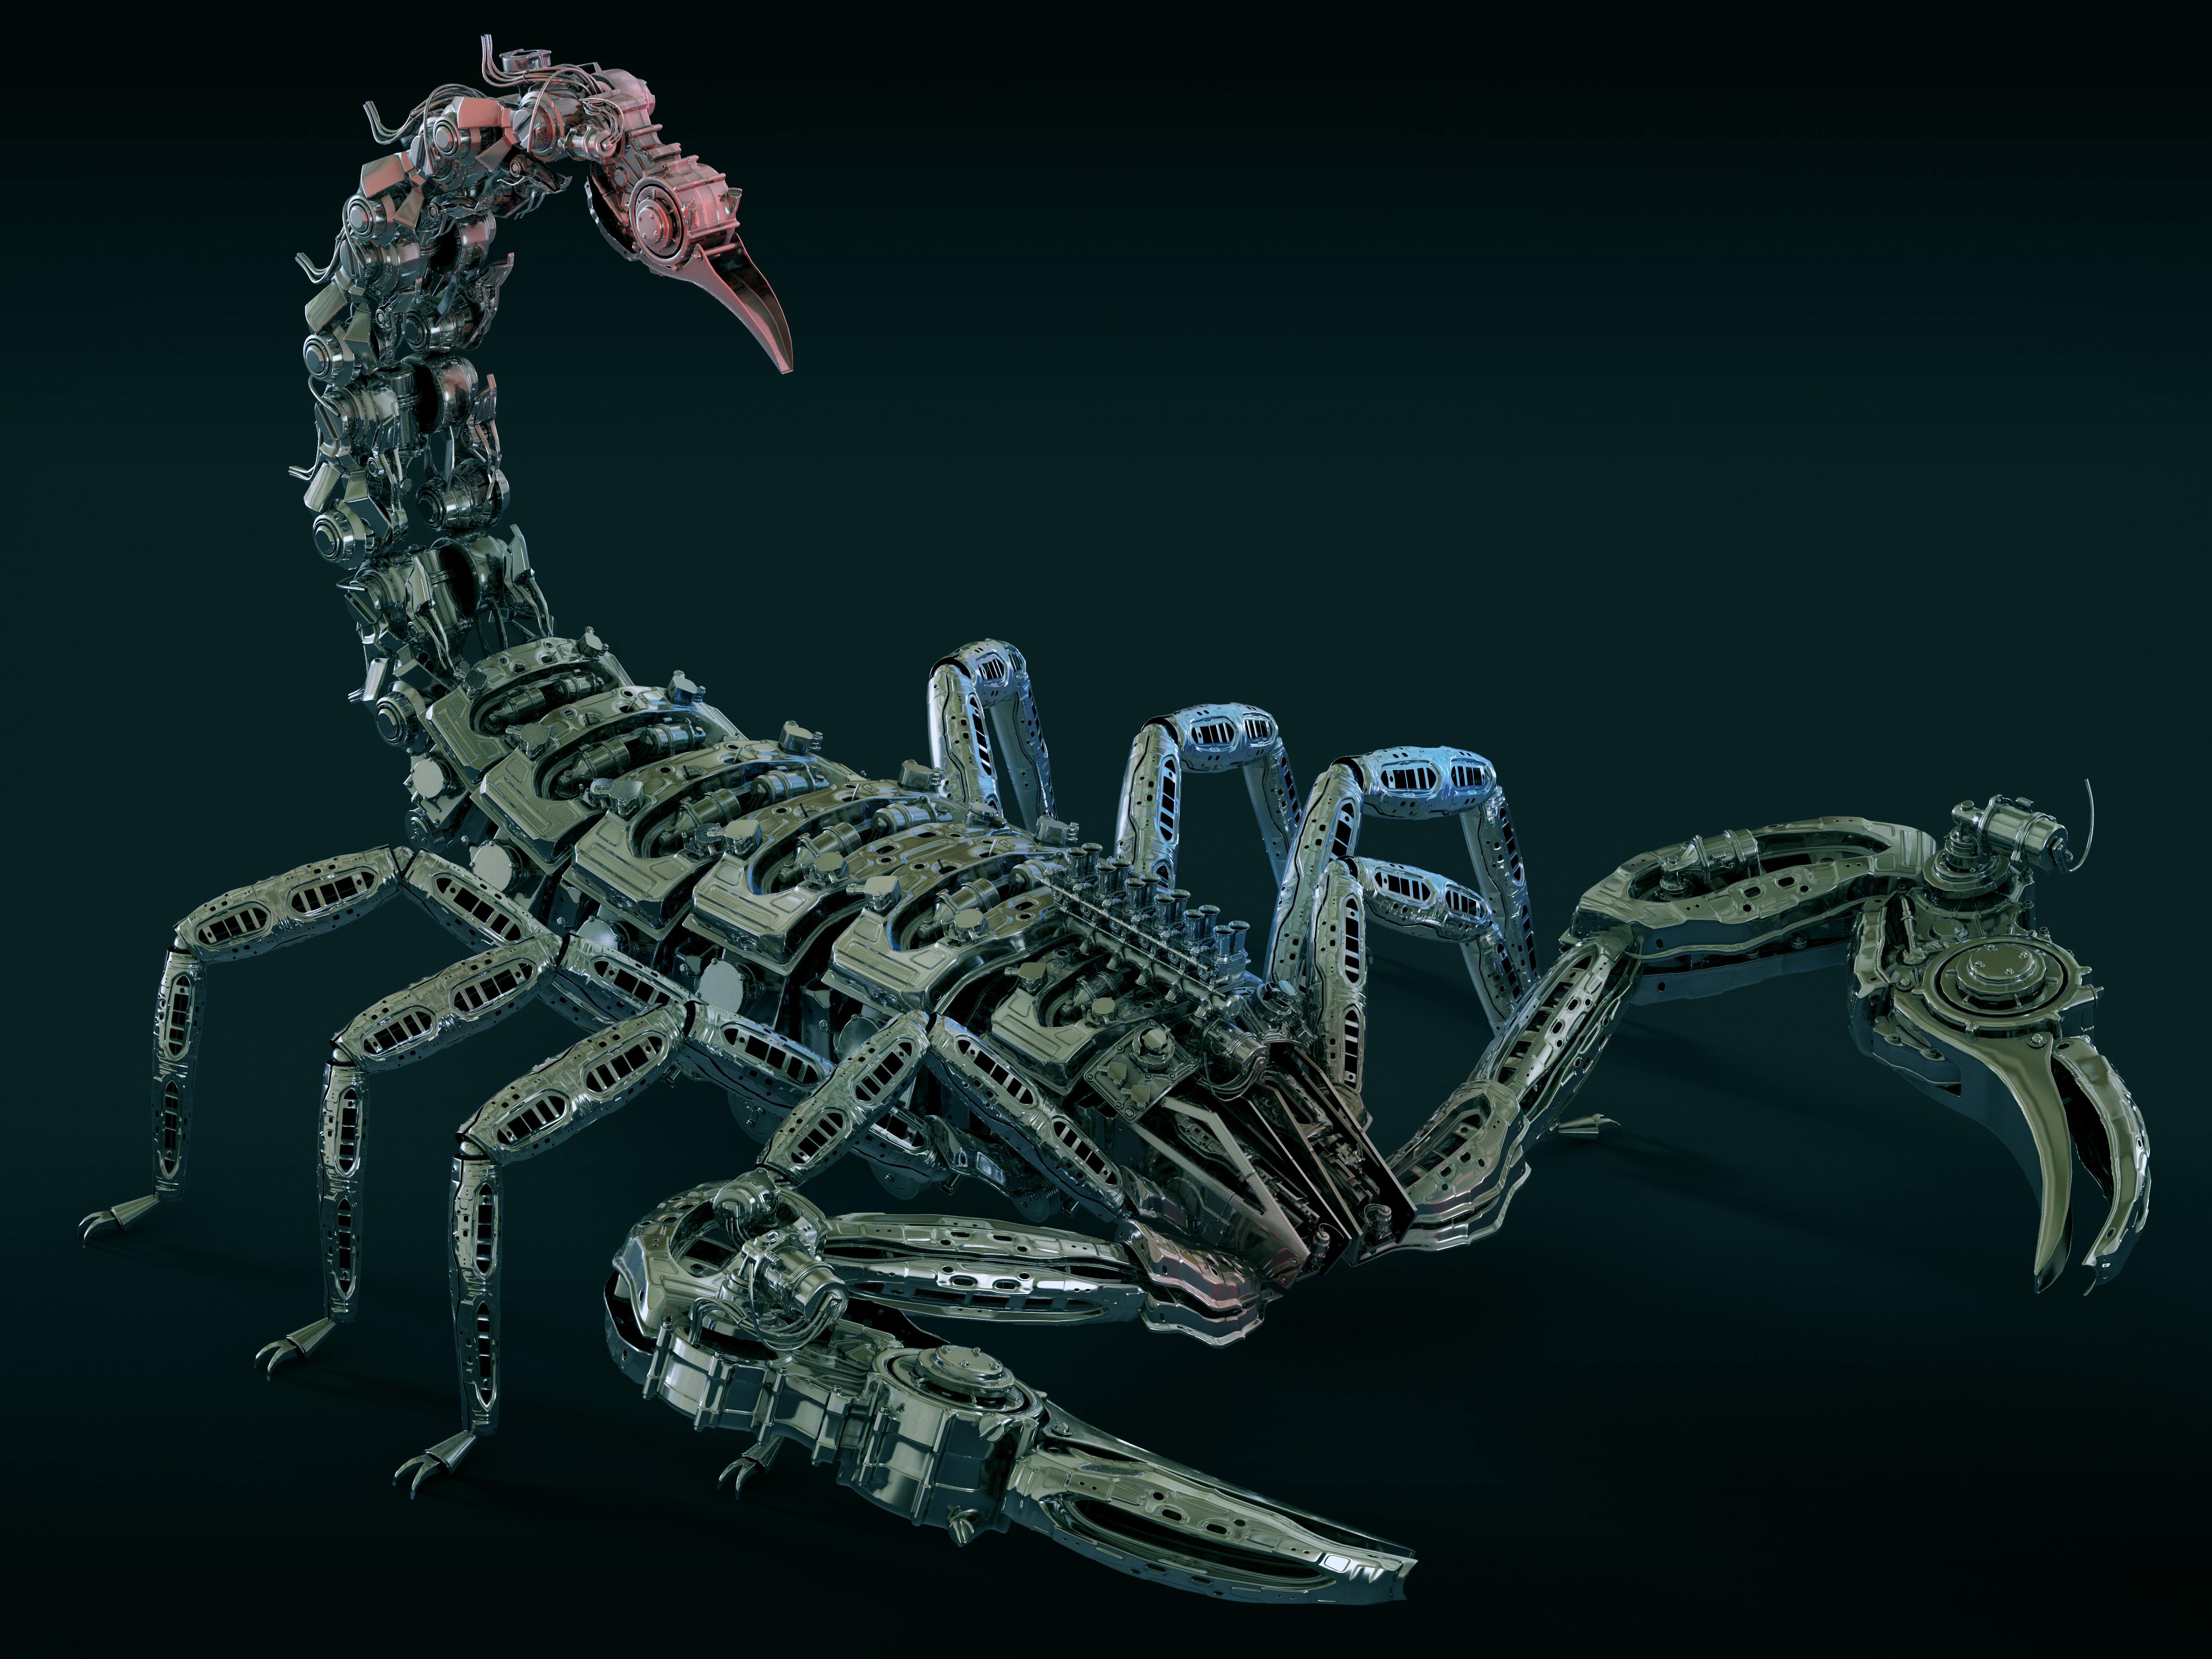 HDoboi.Kiev.ua - скорпион, 3д графика, робот, металлический, 4k ultra hd, 3d обои